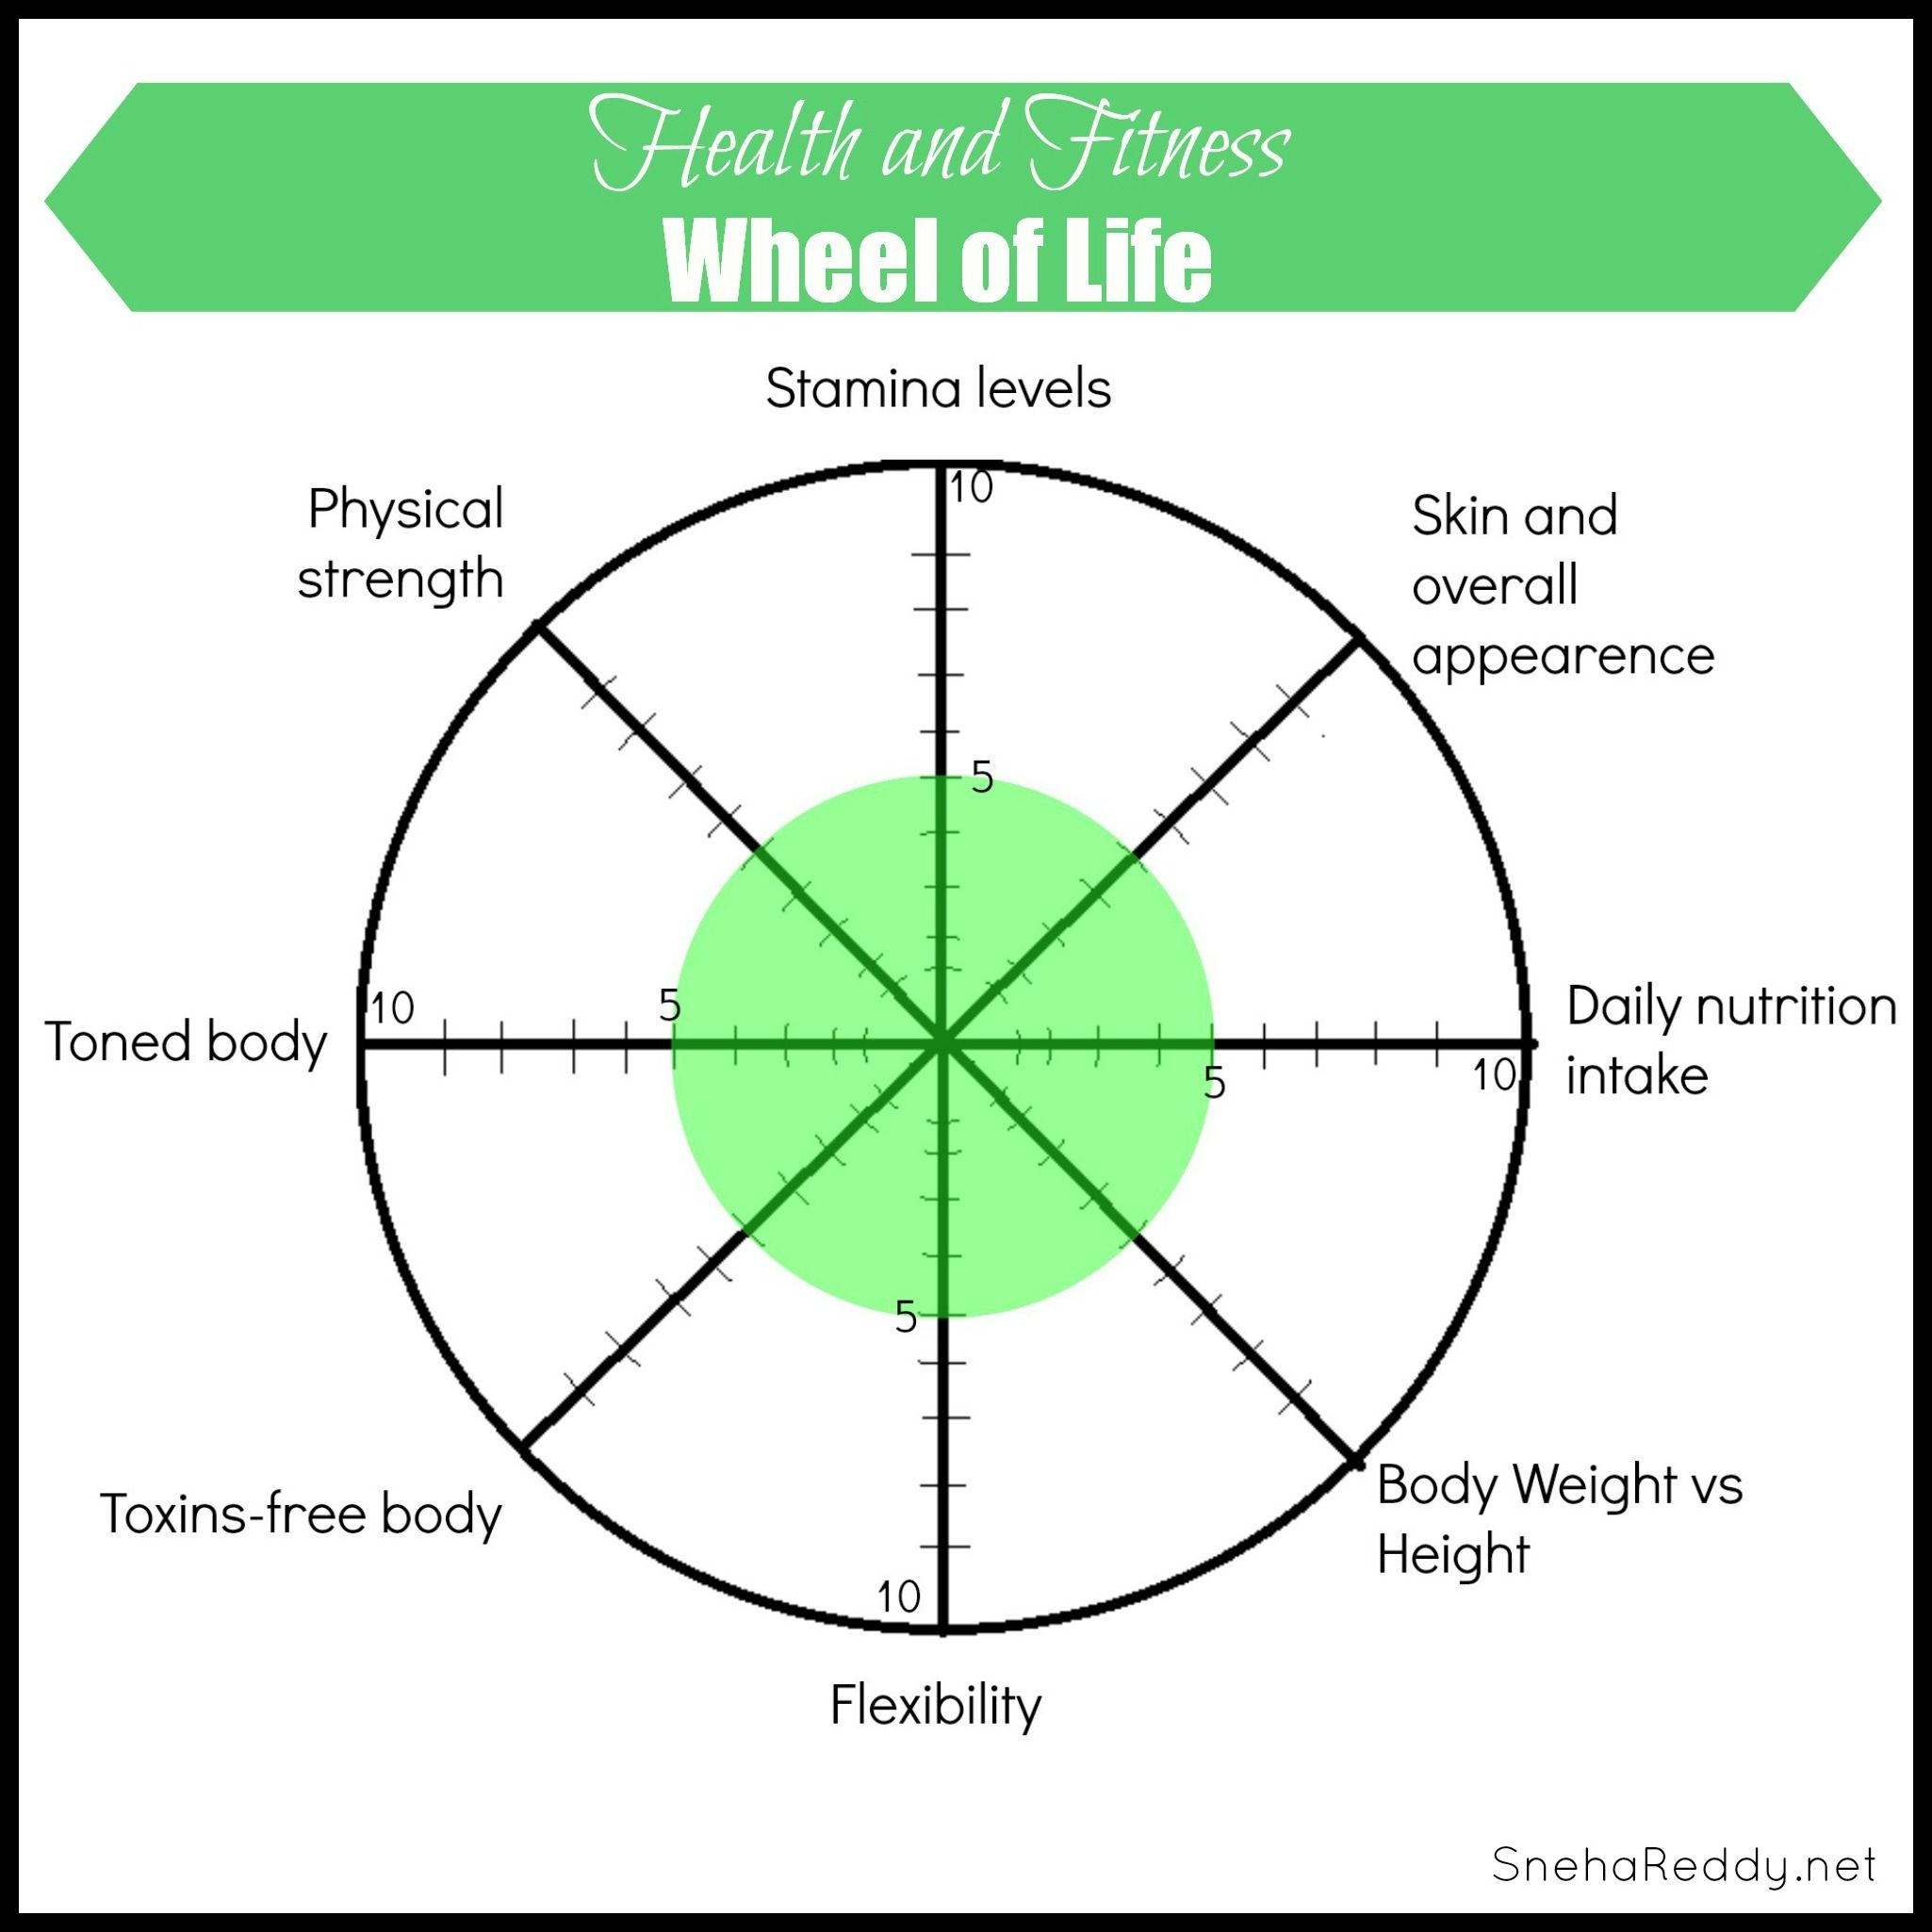 Worksheets Wellness Wheel Worksheet wheel of life assessment fitness and health jpg assessment